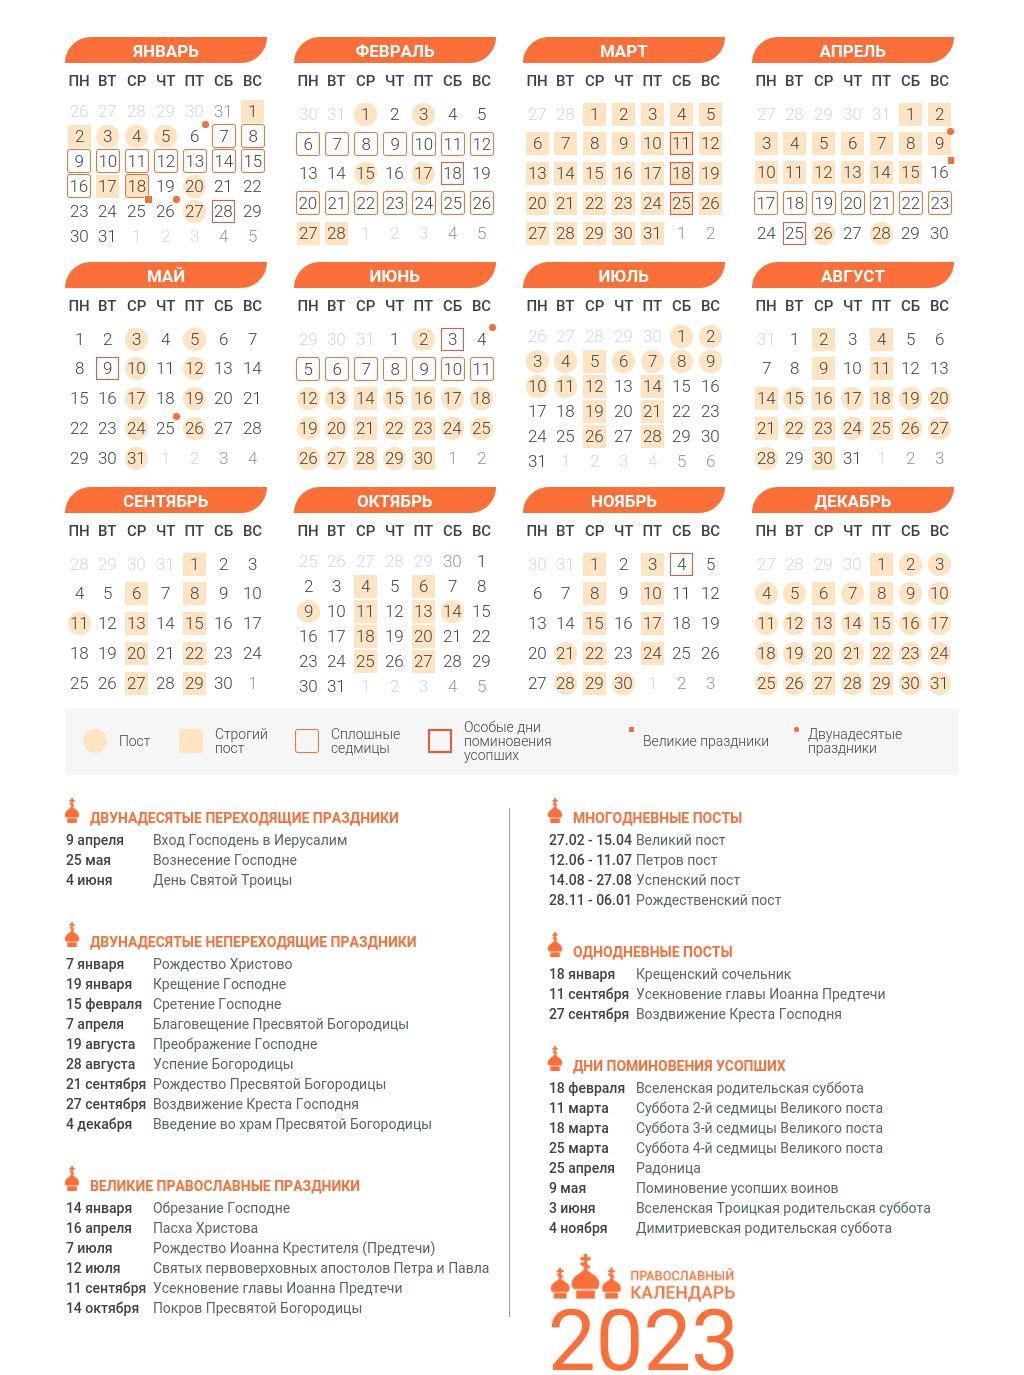 Првославный церковный календарь на 2023 год